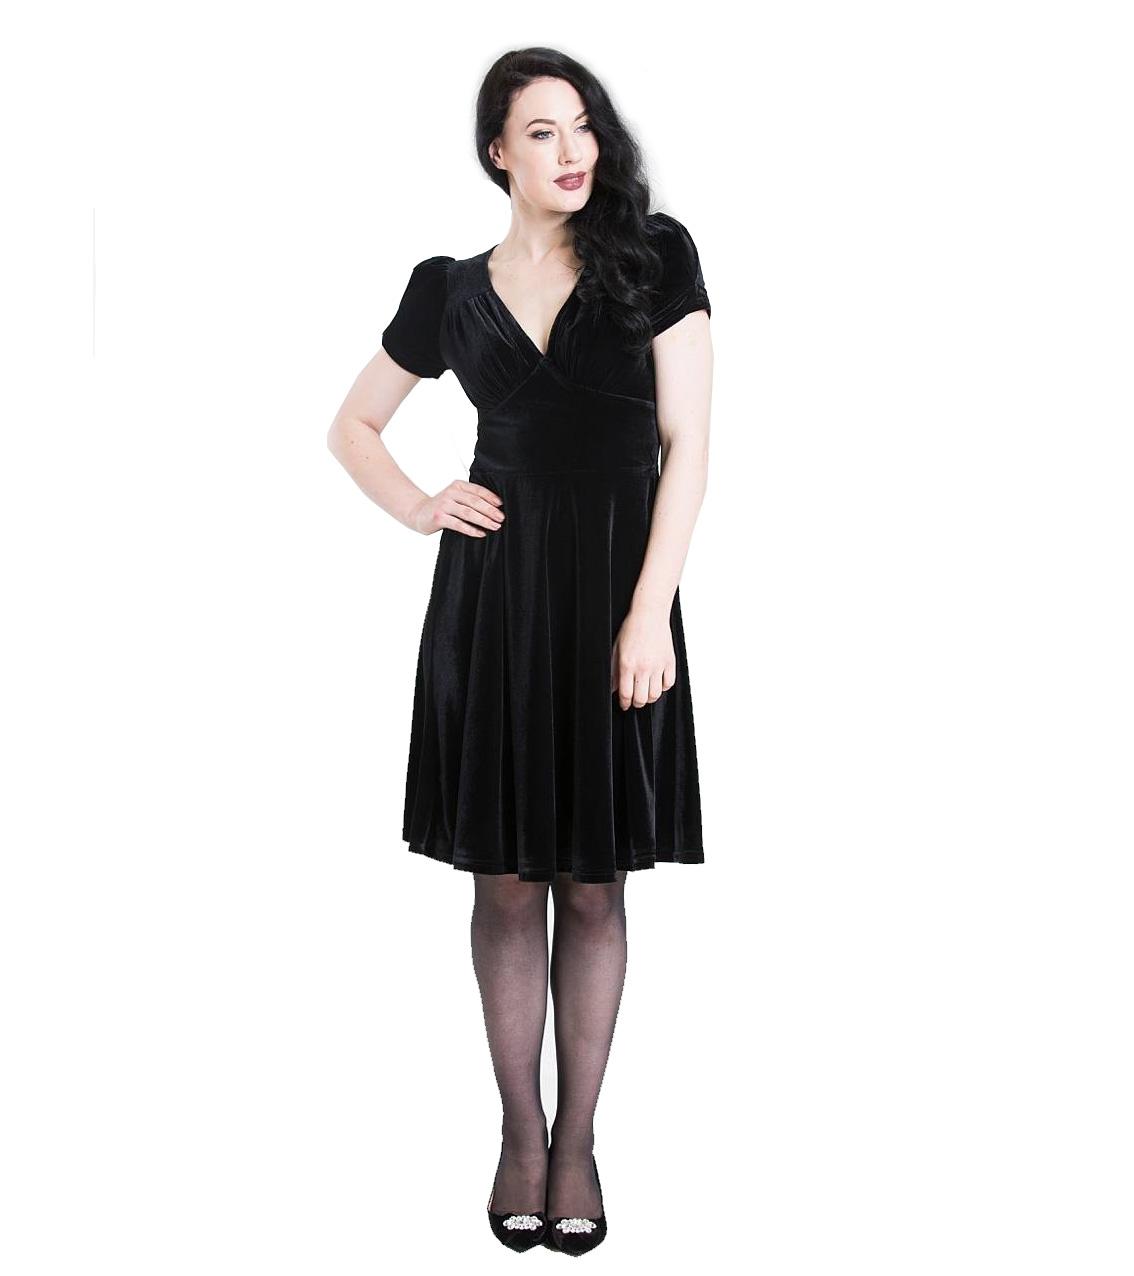 Hell-Bunny-40s-50s-Elegant-Pin-Up-Dress-JOANNE-Crushed-Velvet-Black-All-Sizes thumbnail 15